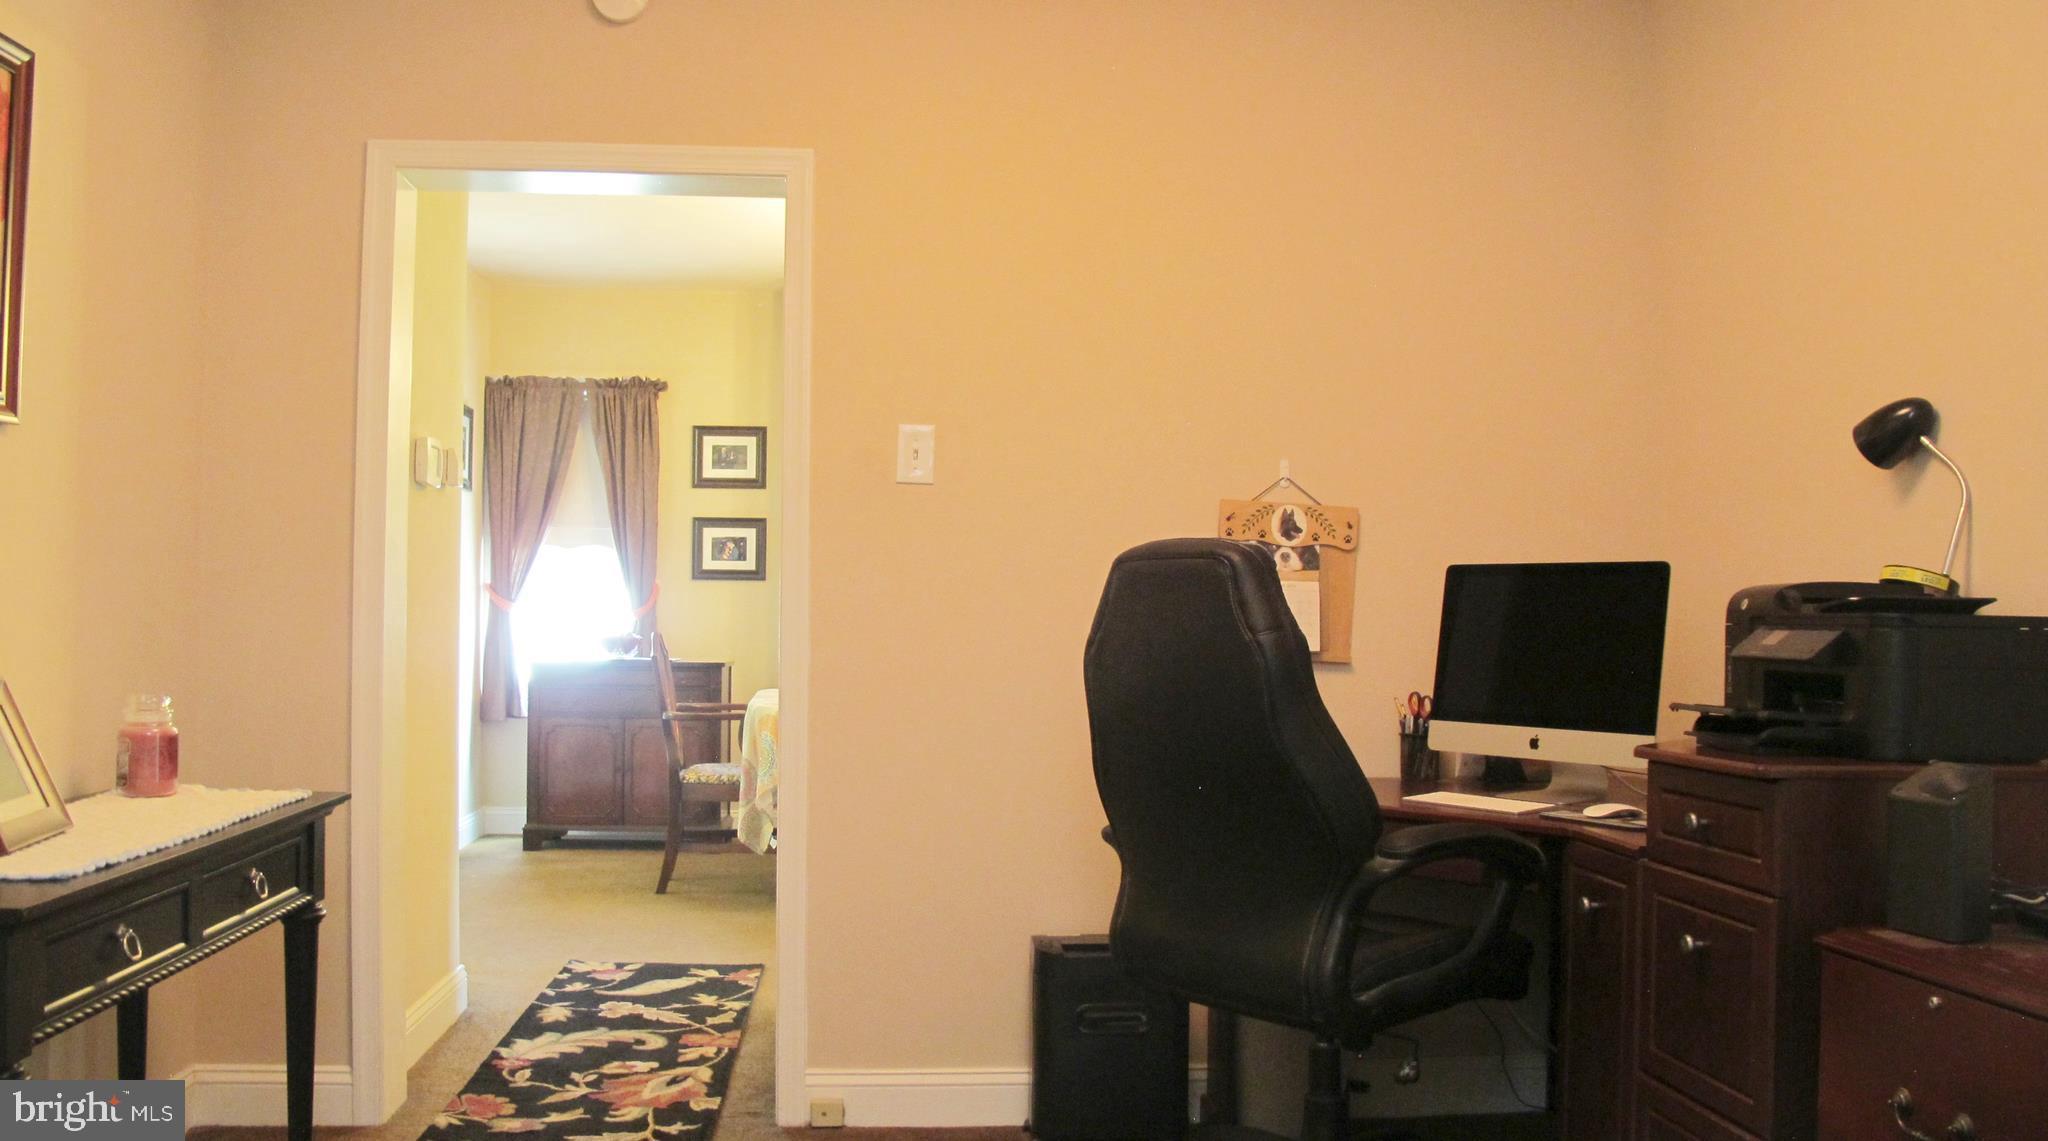 BONUS Den/Home Office